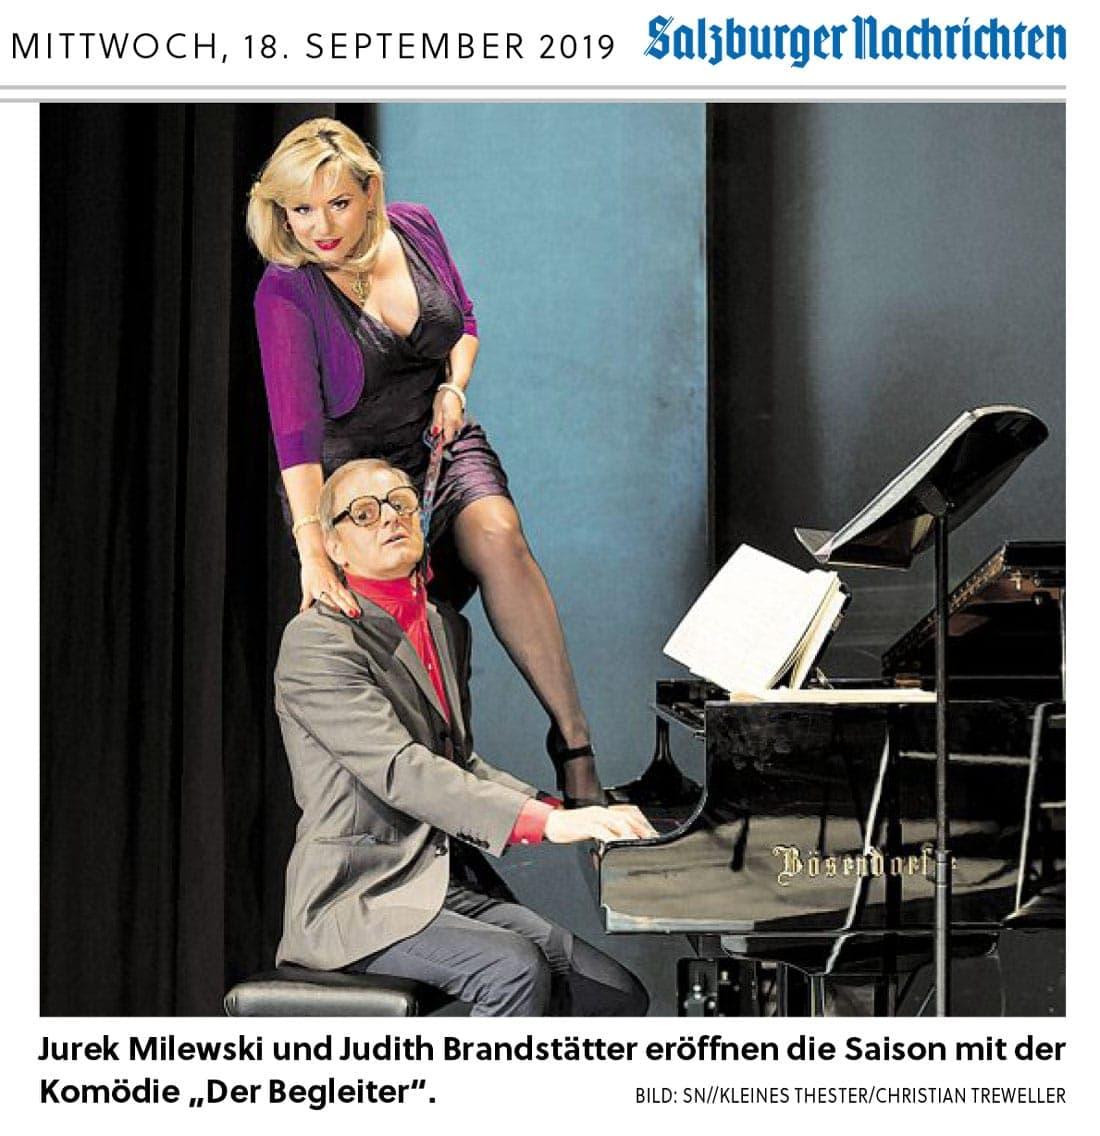 20190918 BER SN Saisonstart Pressekonferenz 01 - Kleines Theater startet mit polnischem Humor - SN vom 18.09.19